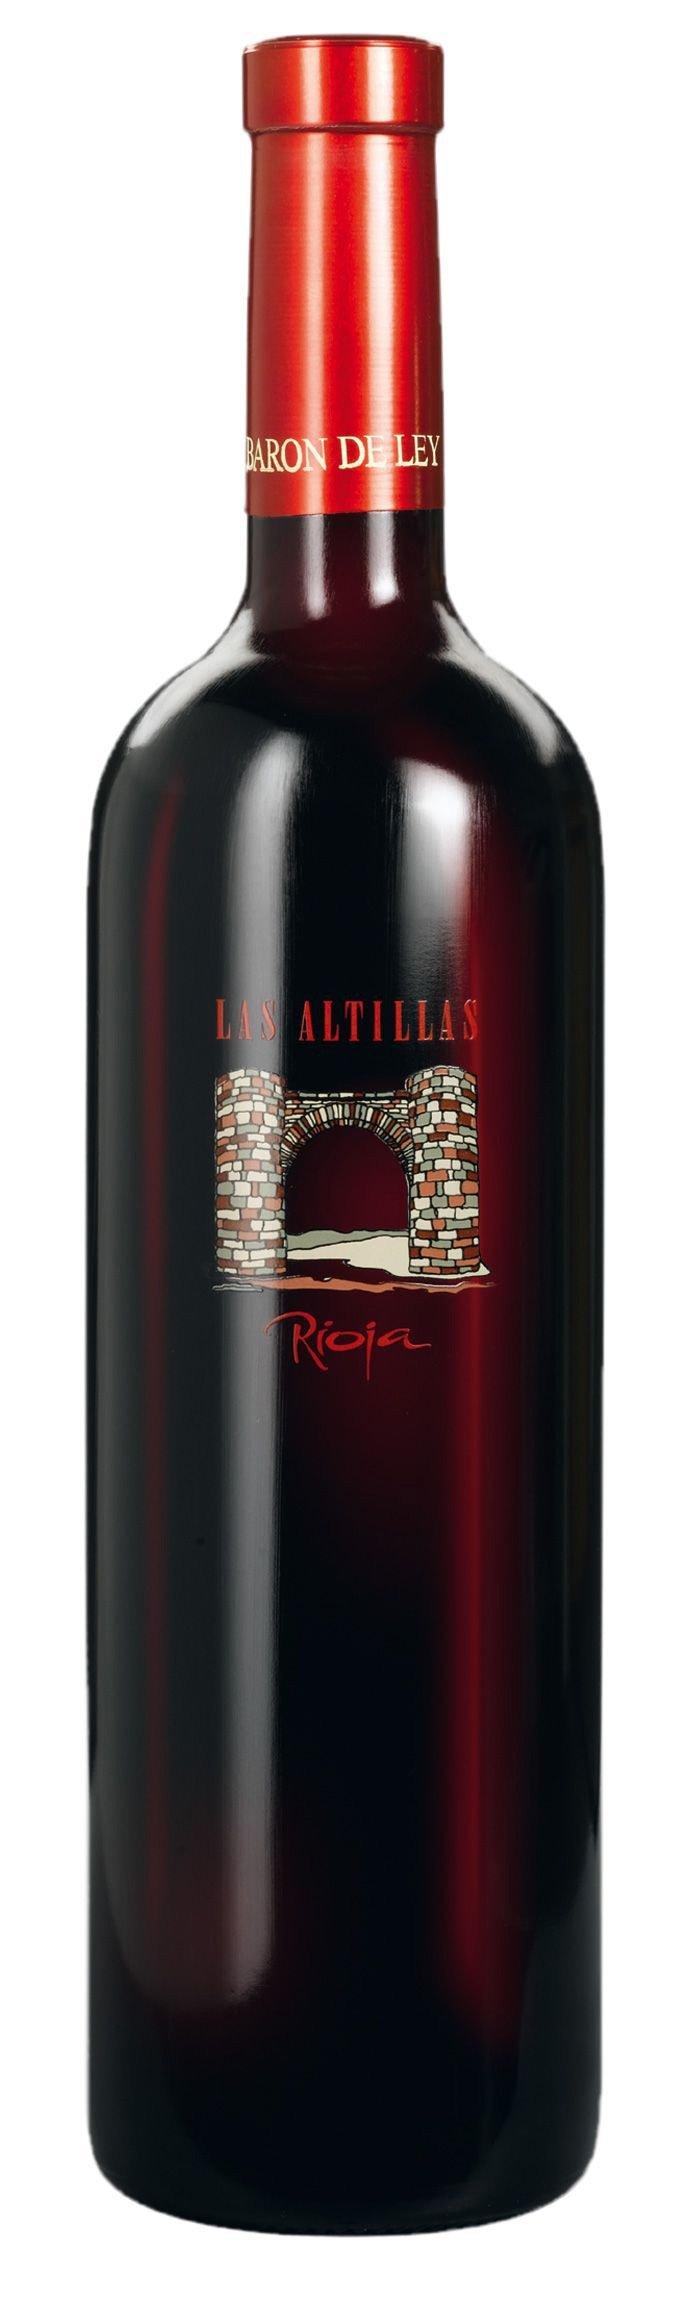 Baron-de-Ley-Las-Altillas-2016-trocken-075-L-Flaschen